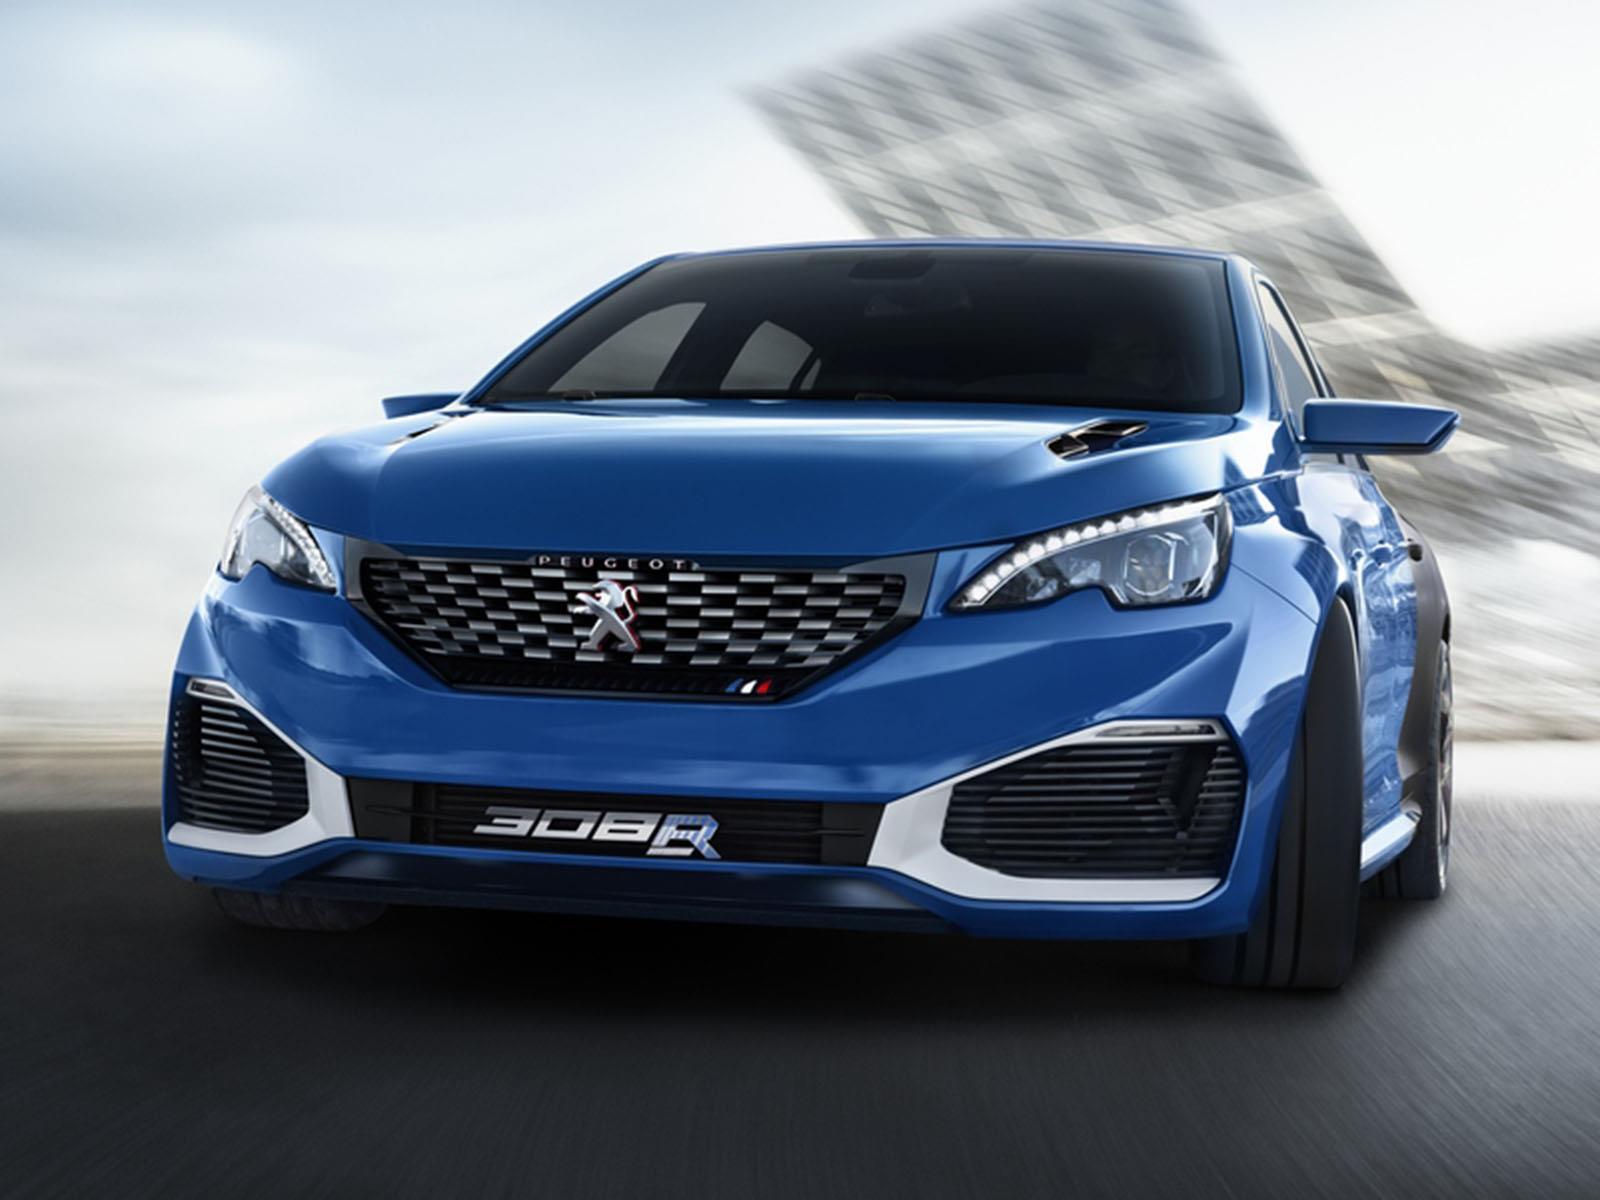 PSA%2BPeugeot Αύξηση πωλήσεων για τον όμιλο PSA Peugeot Citroën με 2.973.000 πωλήσεις παγκοσμίως για το 2015